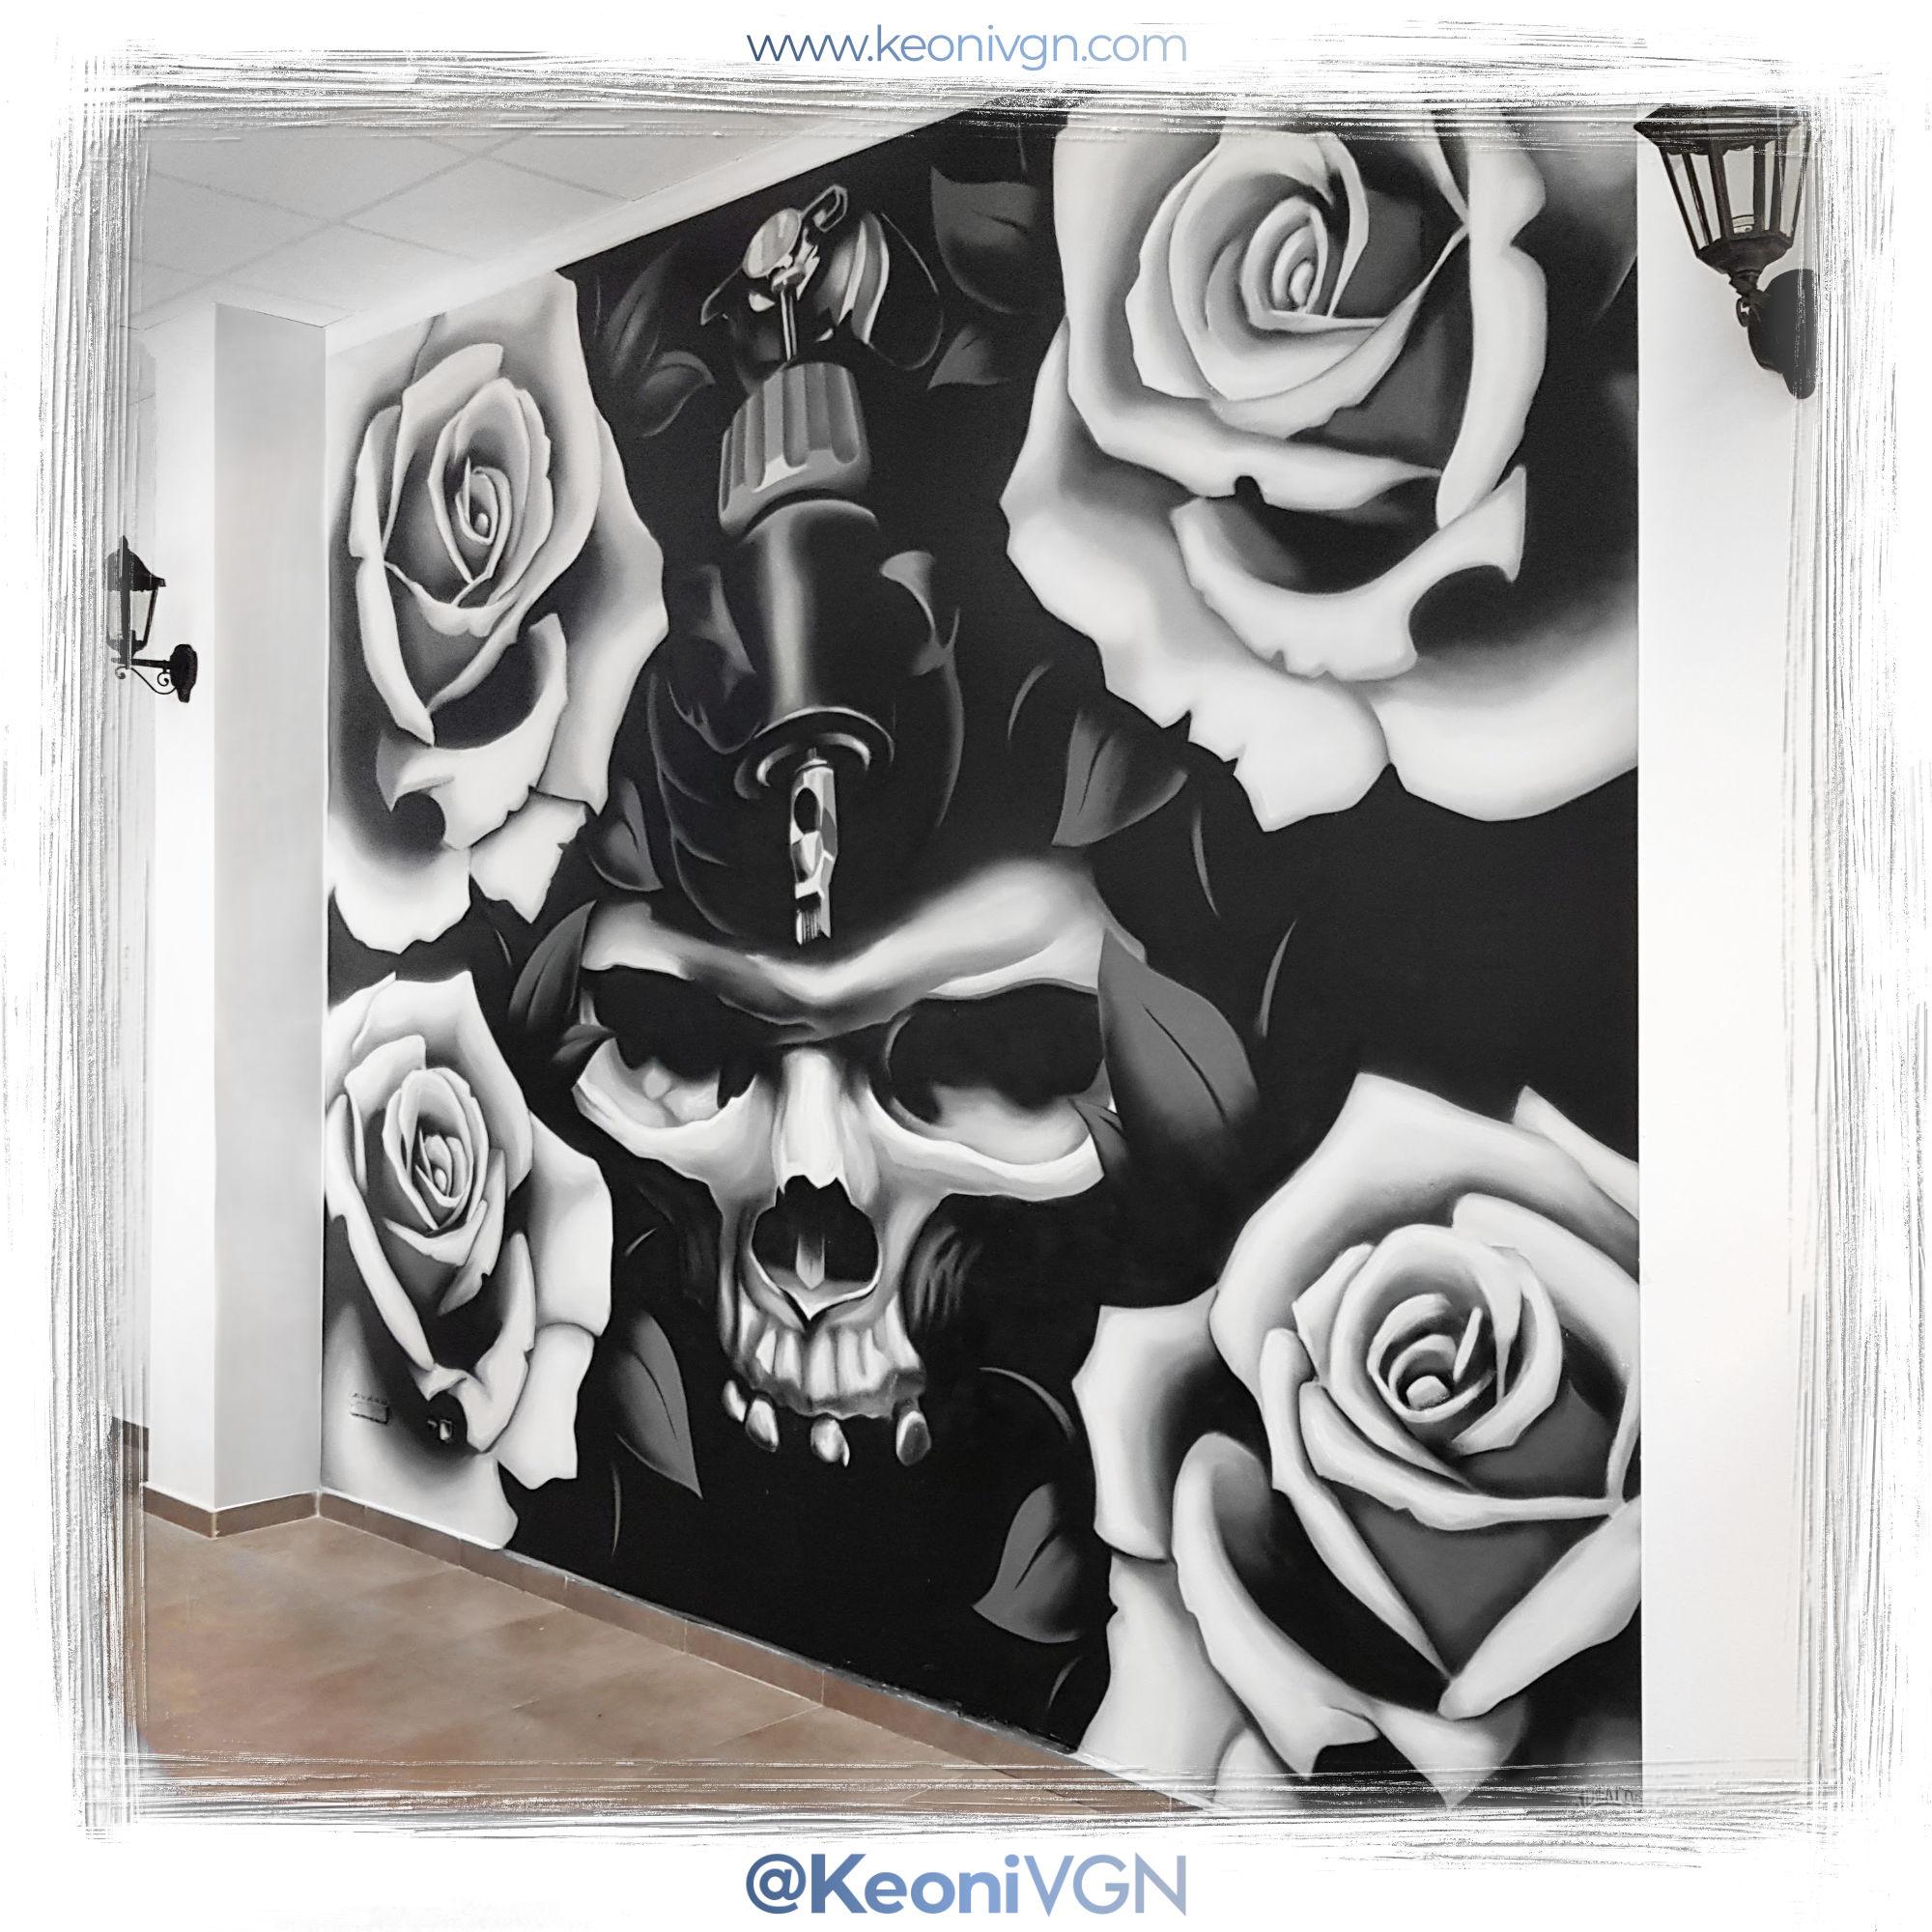 Mural Skull & Roses - Nava Tattoo 1